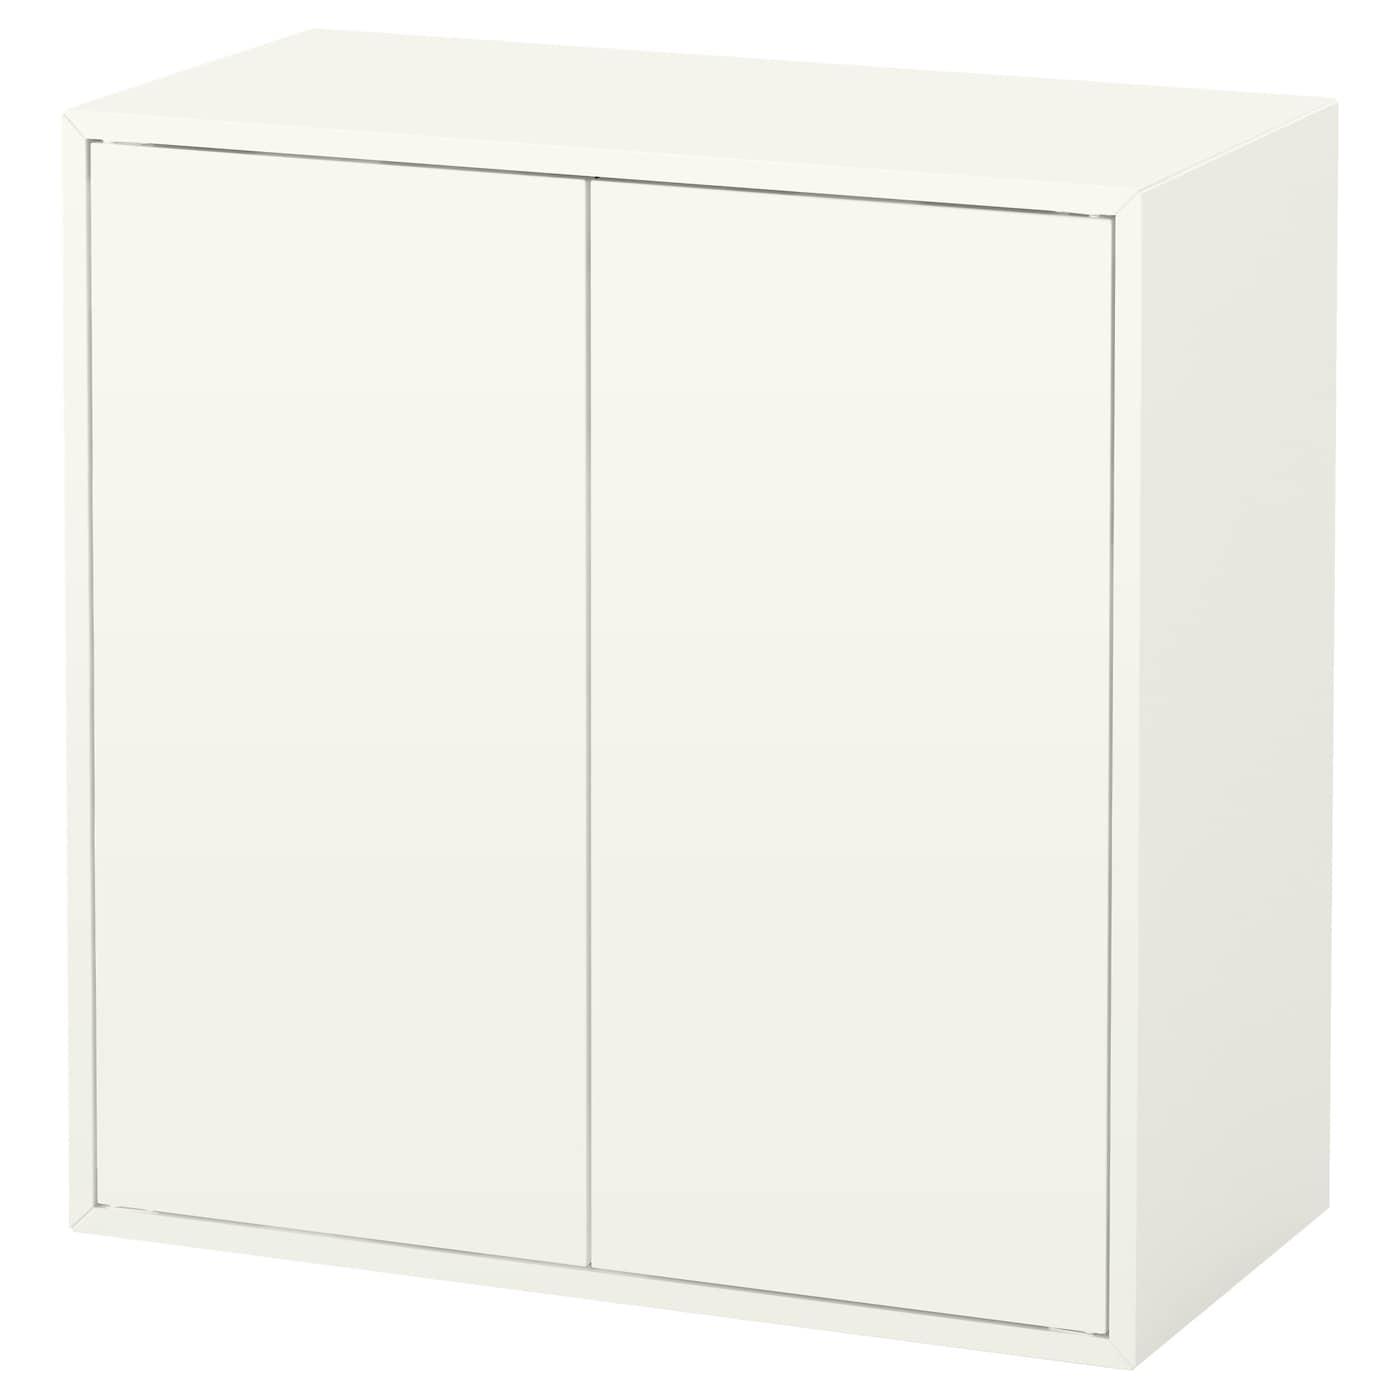 Muebles De Almacenaje Compra Online Ikea